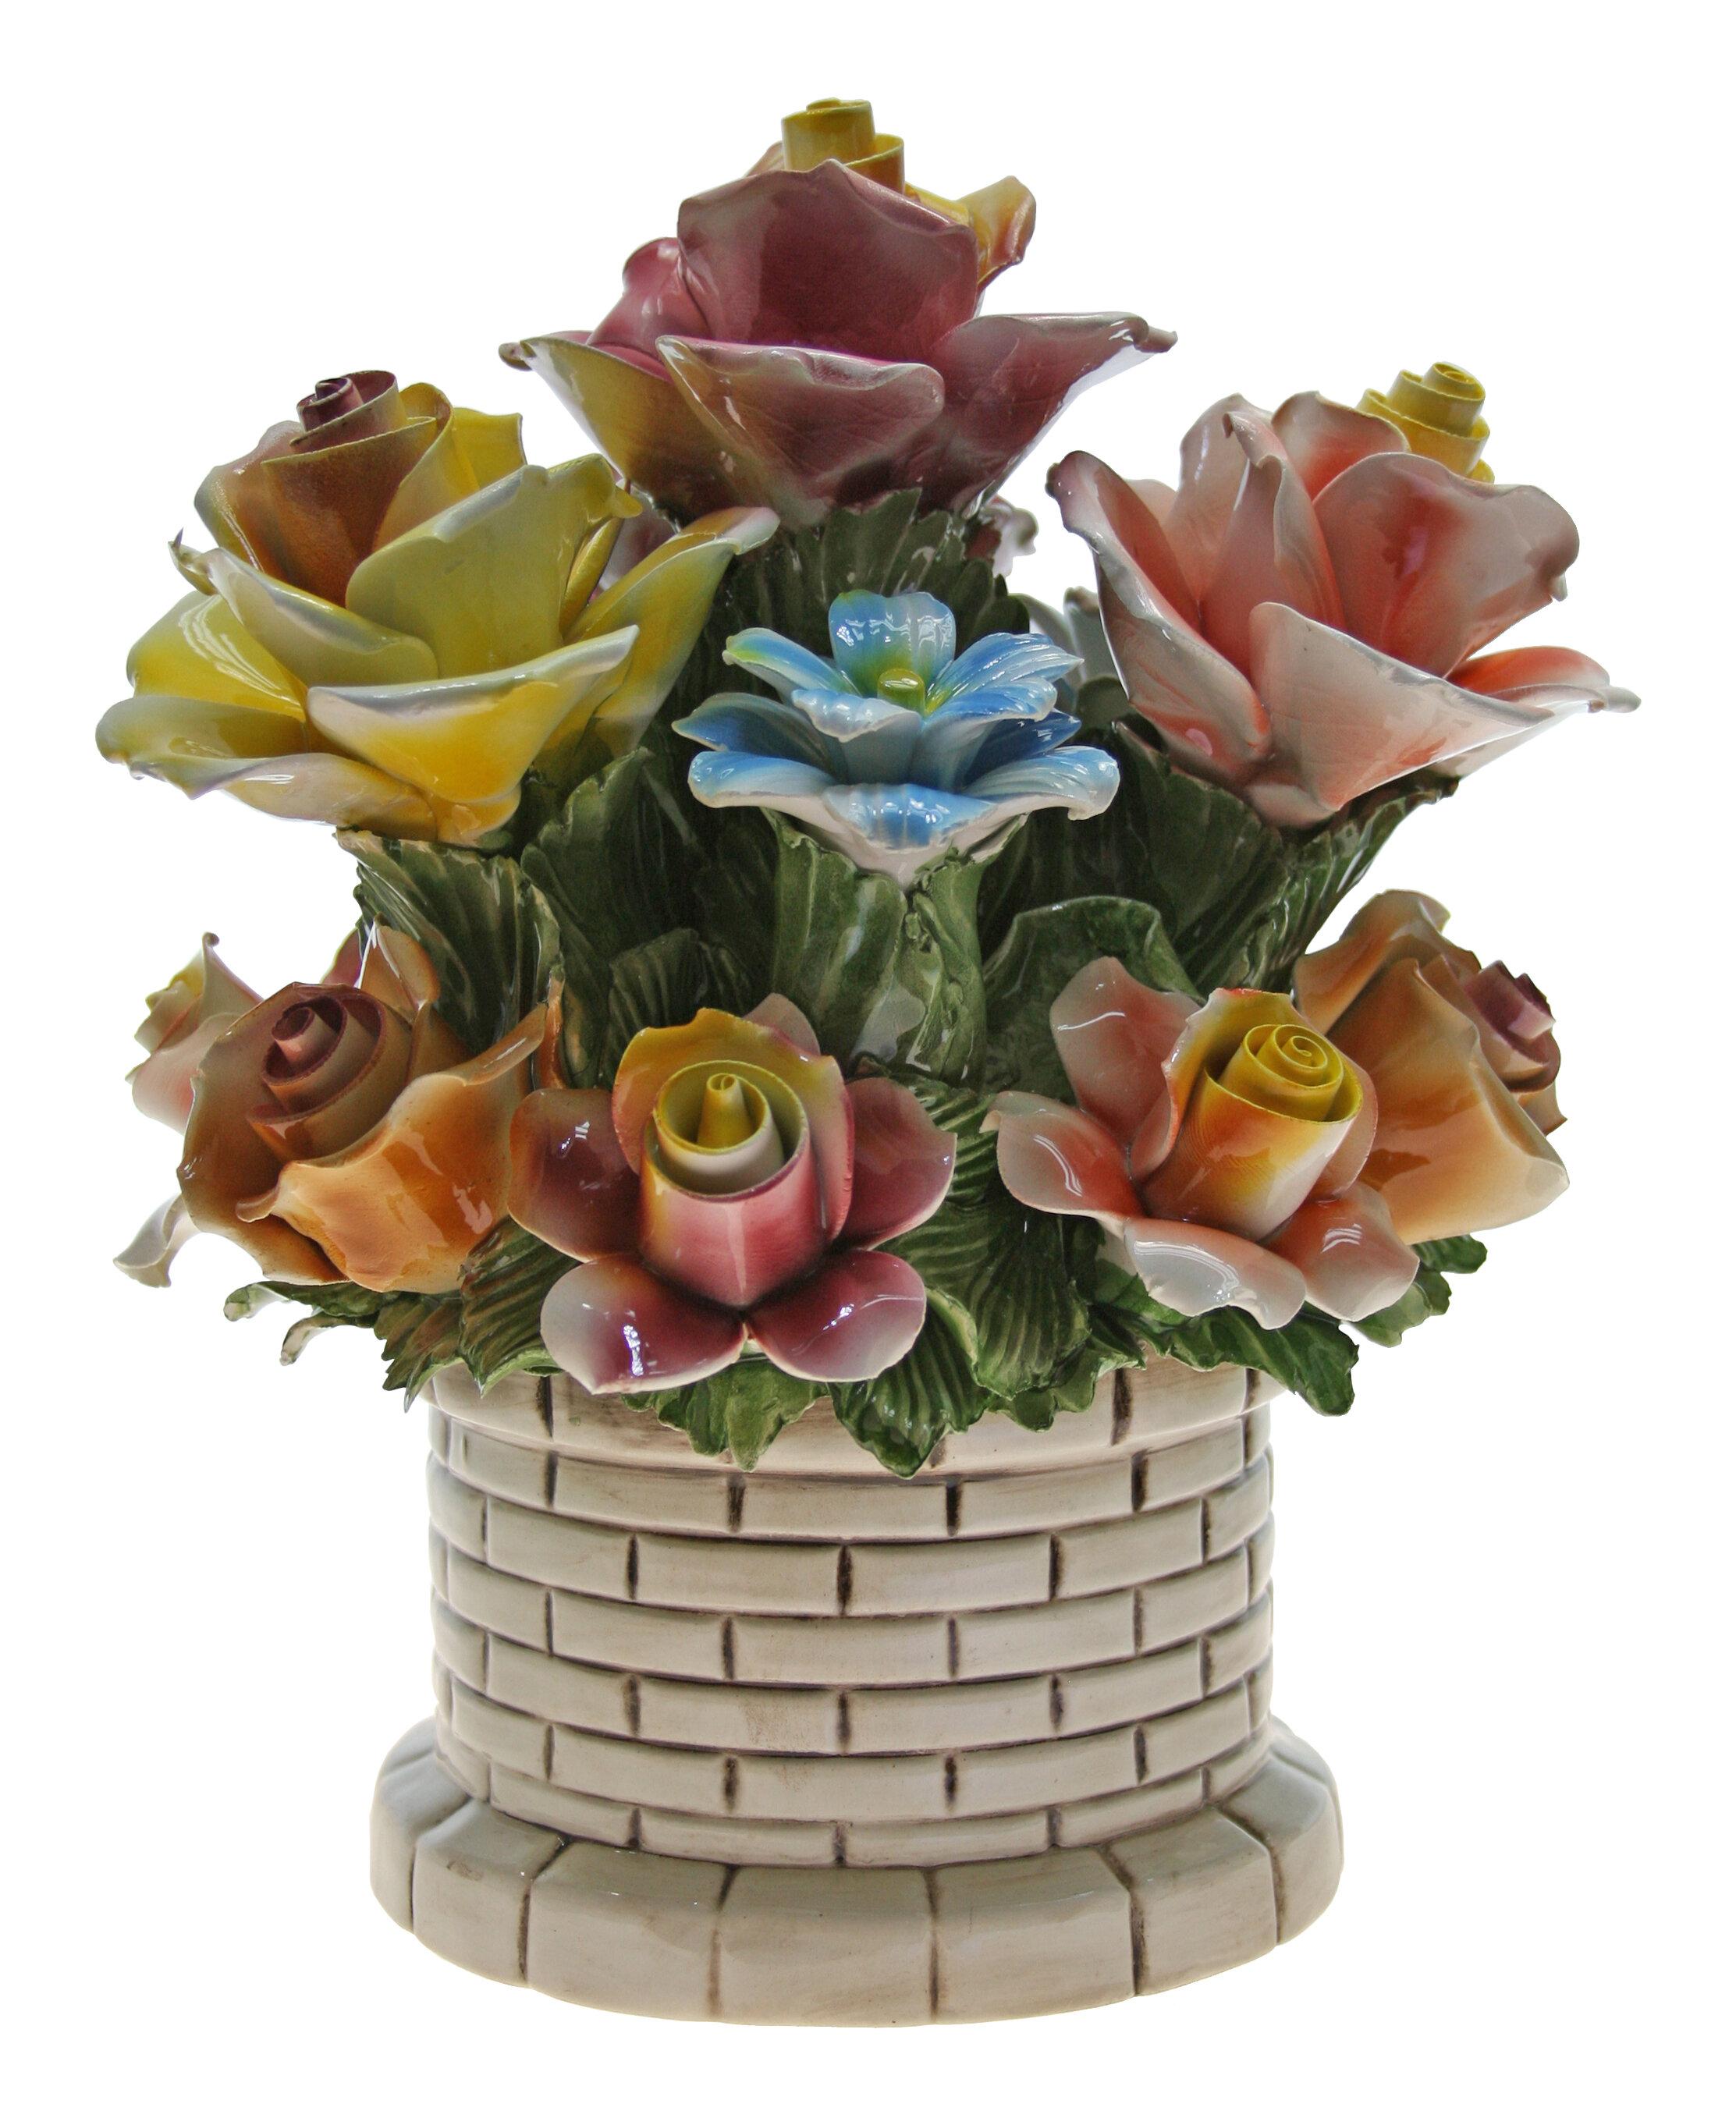 August grove round brick flower bouquet in pot wayfair izmirmasajfo